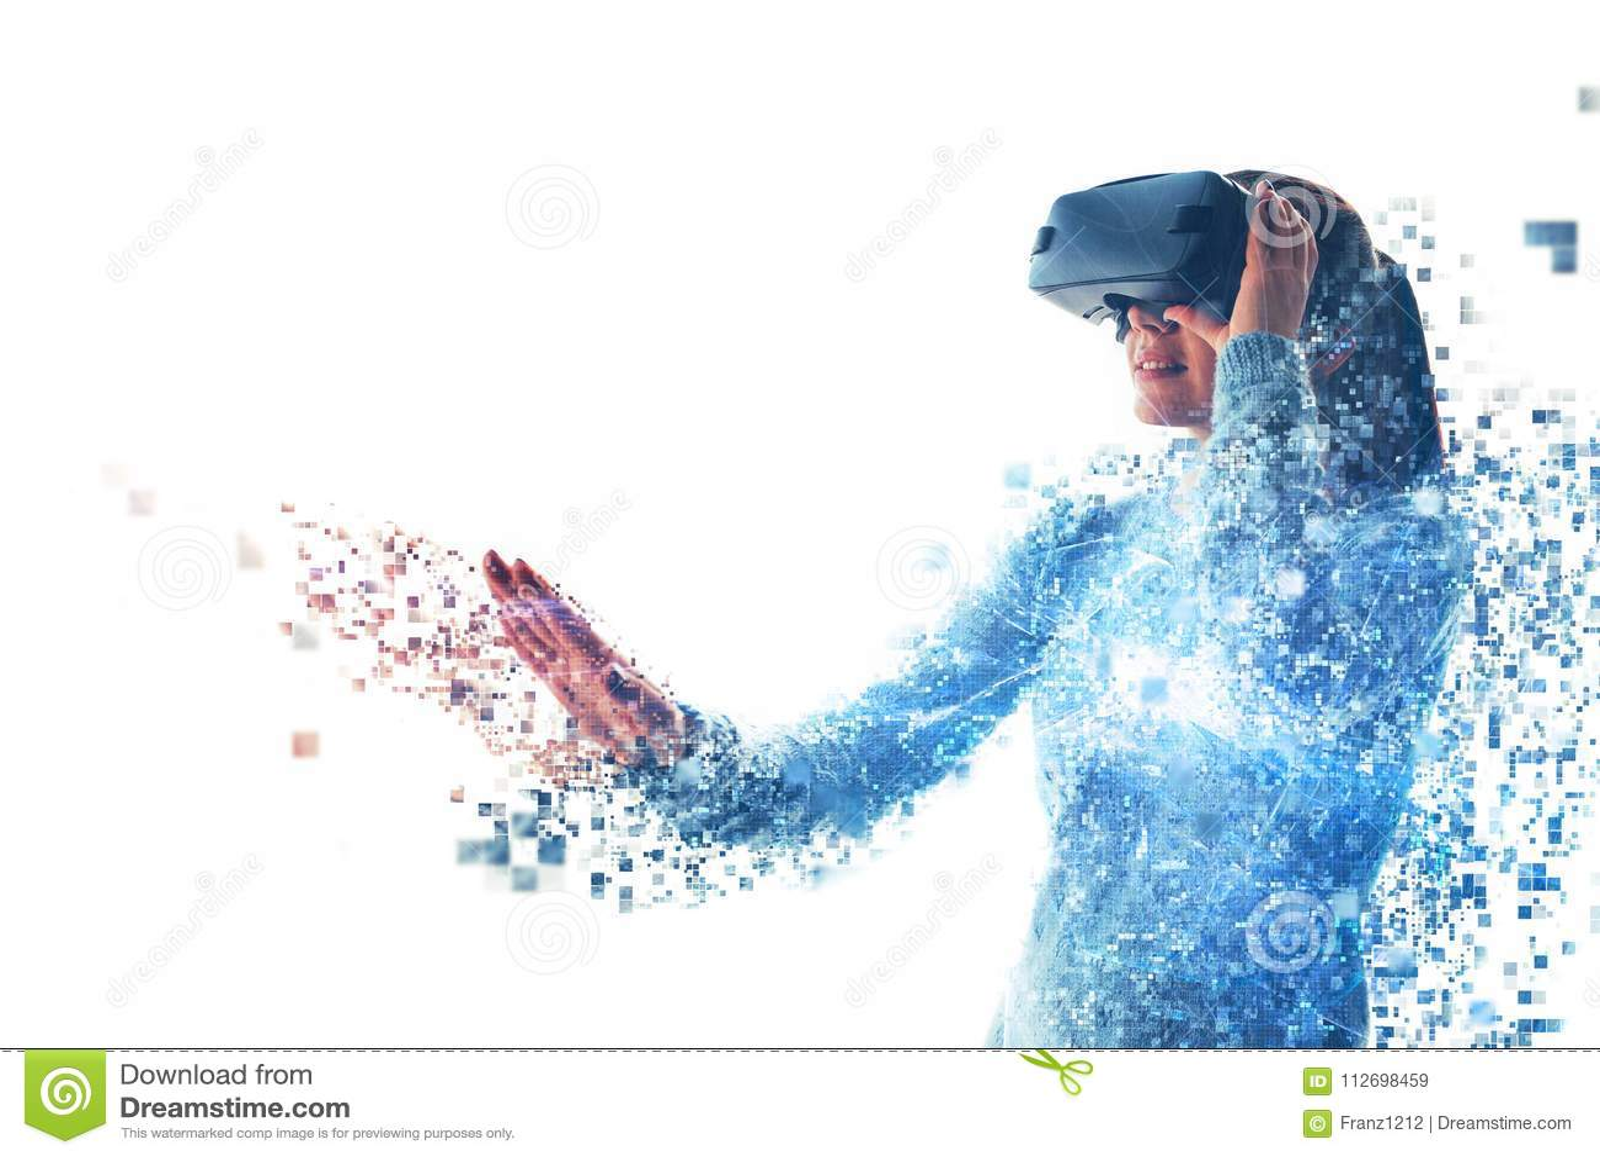 Uma pessoa em vidros virtuais voa aos pixéis A mulher com vidros da realidade virtual Conceito futuro da tecnologia